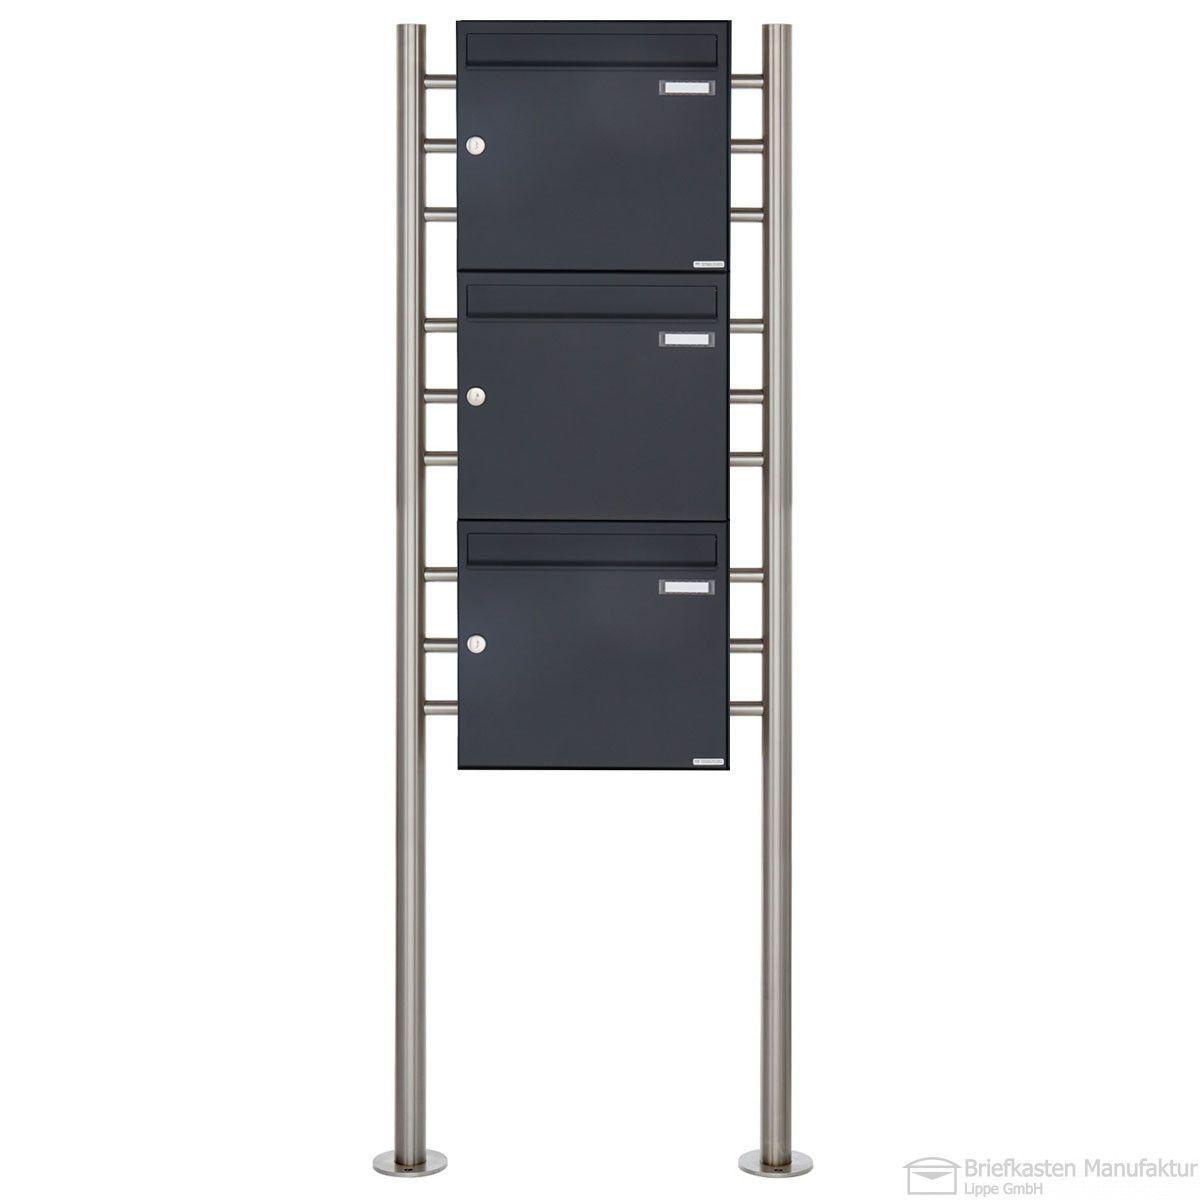 3er Briefkastenanlage freistehend senkrecht Design BASIC 381 K7016 Anthrazit Grau RAL 7016 wahlweise mit Regenschutzdach & Zeitungsfach